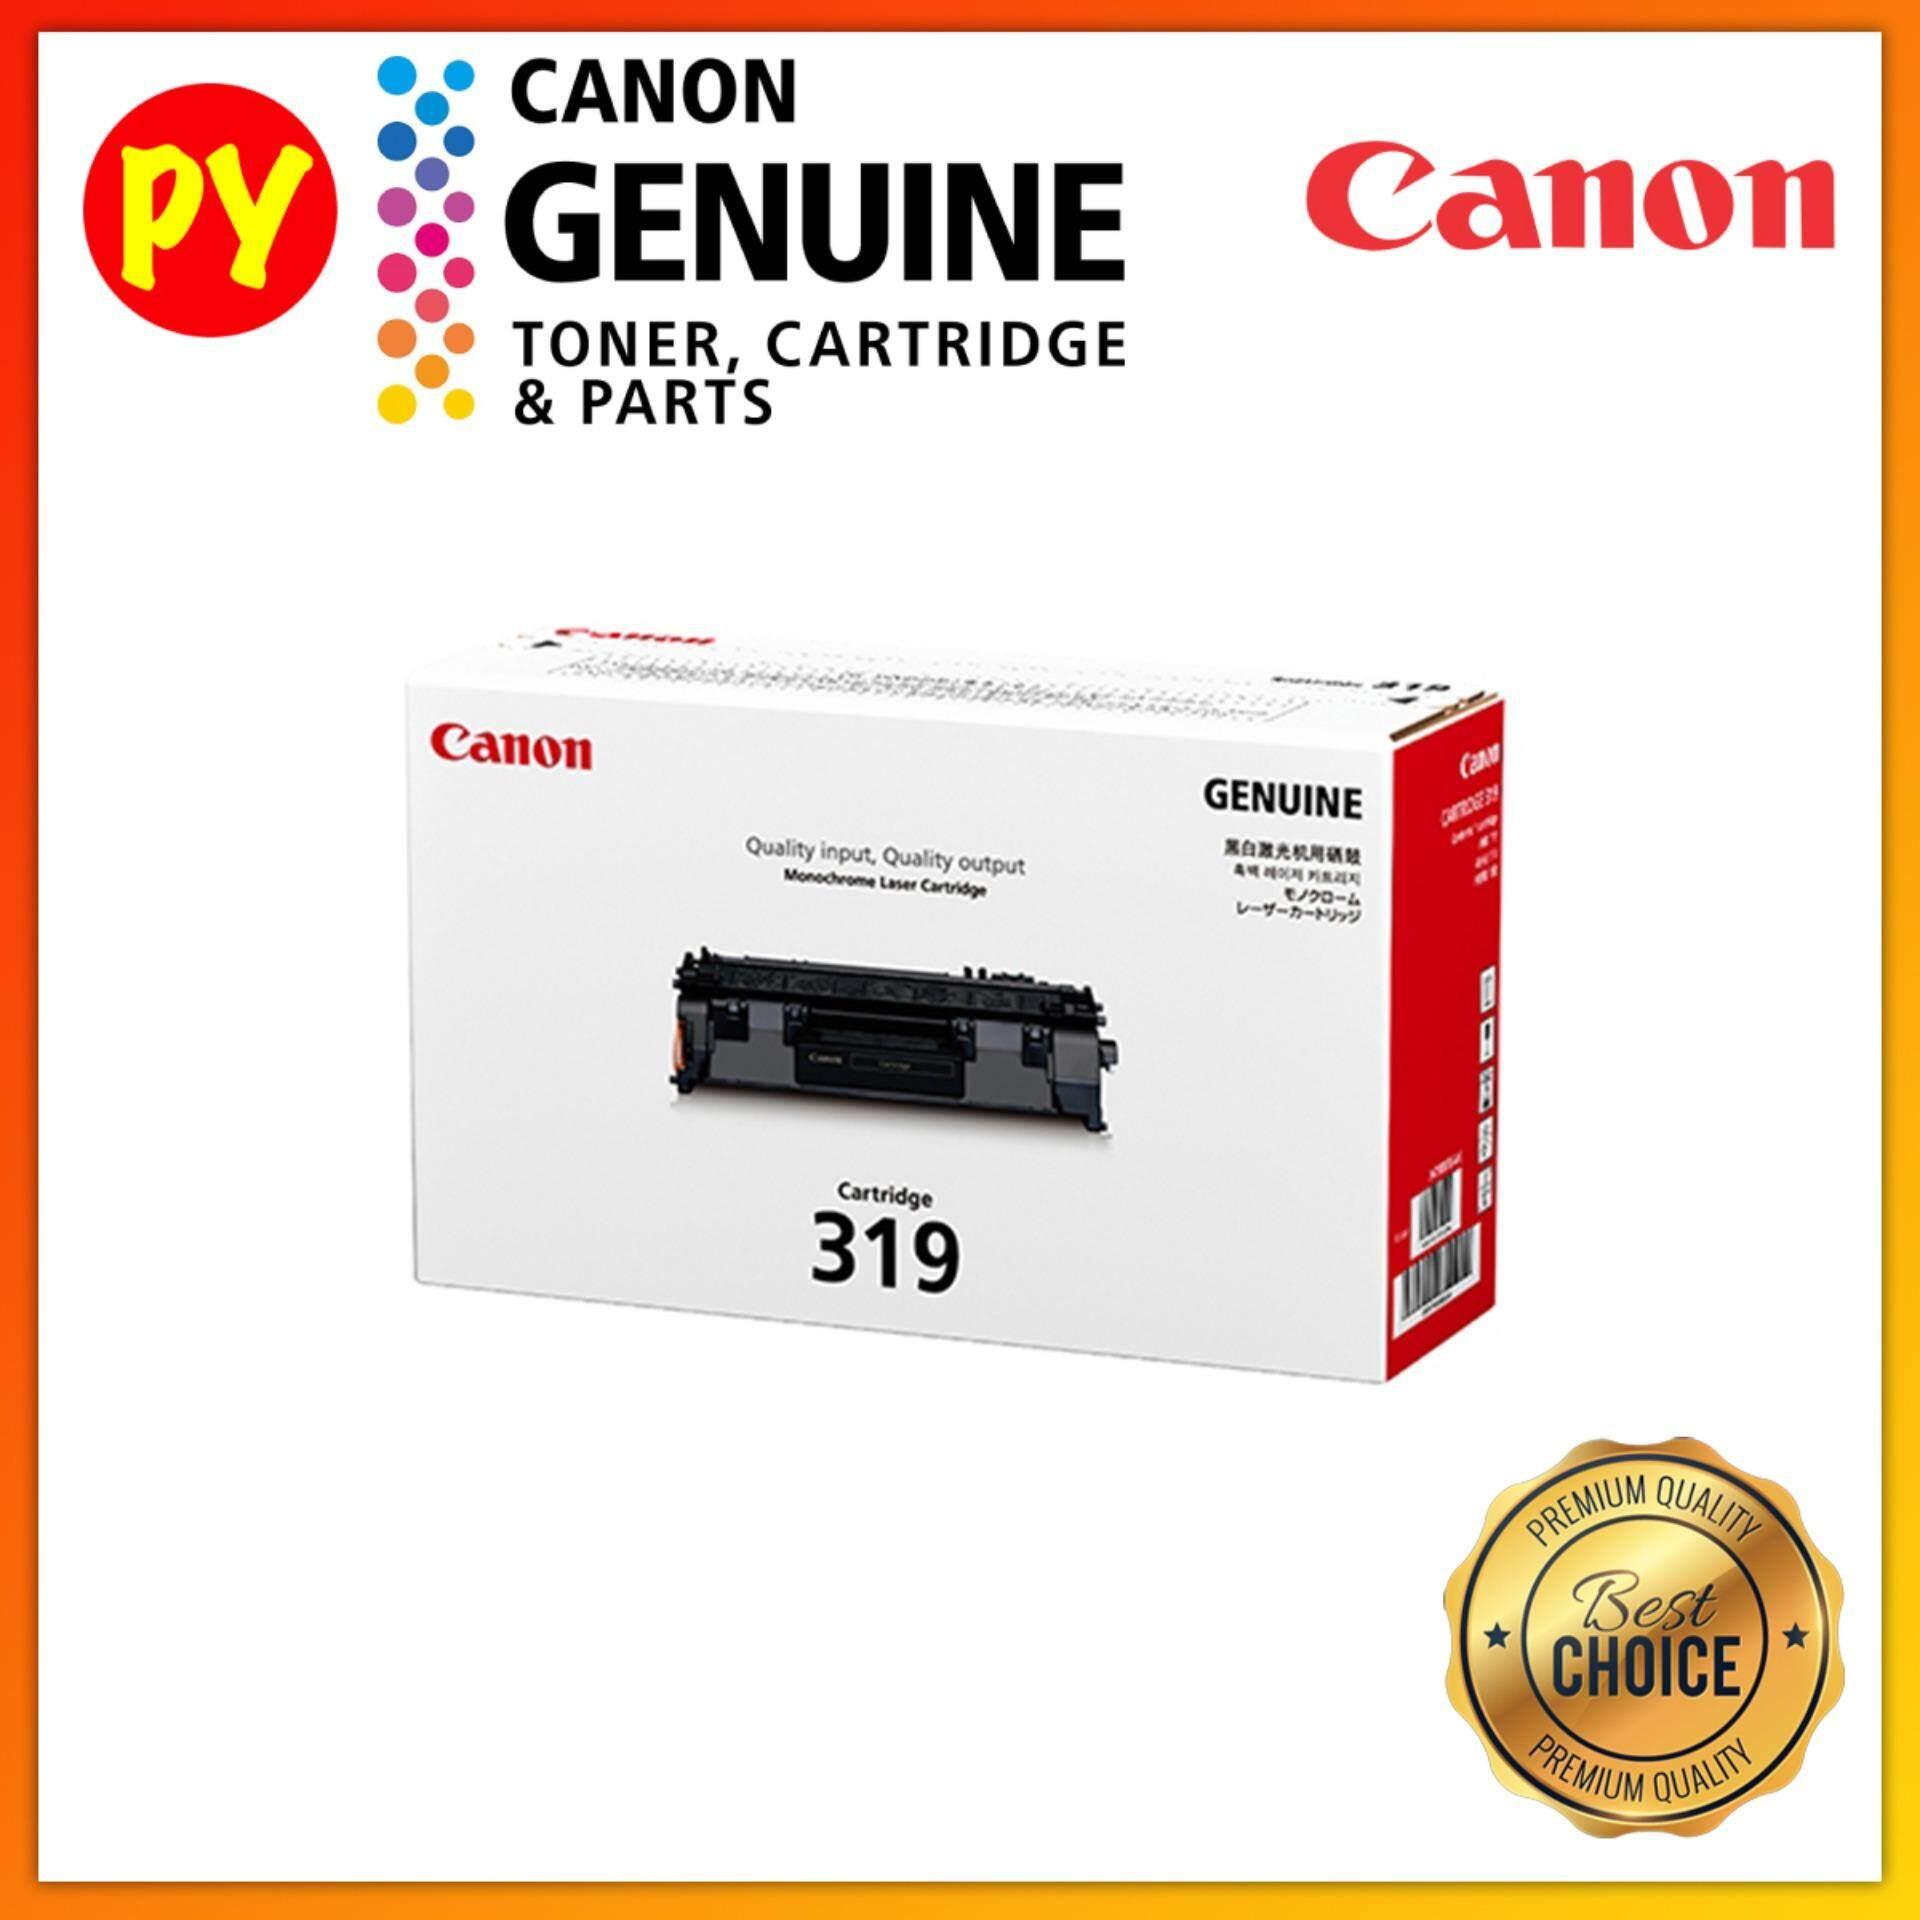 Canon Cartridge 319 Black Original Laser Toner - for LBP-6300dn / LBP-6650dn / LBP-6680x / LBP-251dw / LBP-253x / imageClass MF416dw / MF-5870dn / MF-5980dw MF-6180dw / MF5840DN / MF5880DN